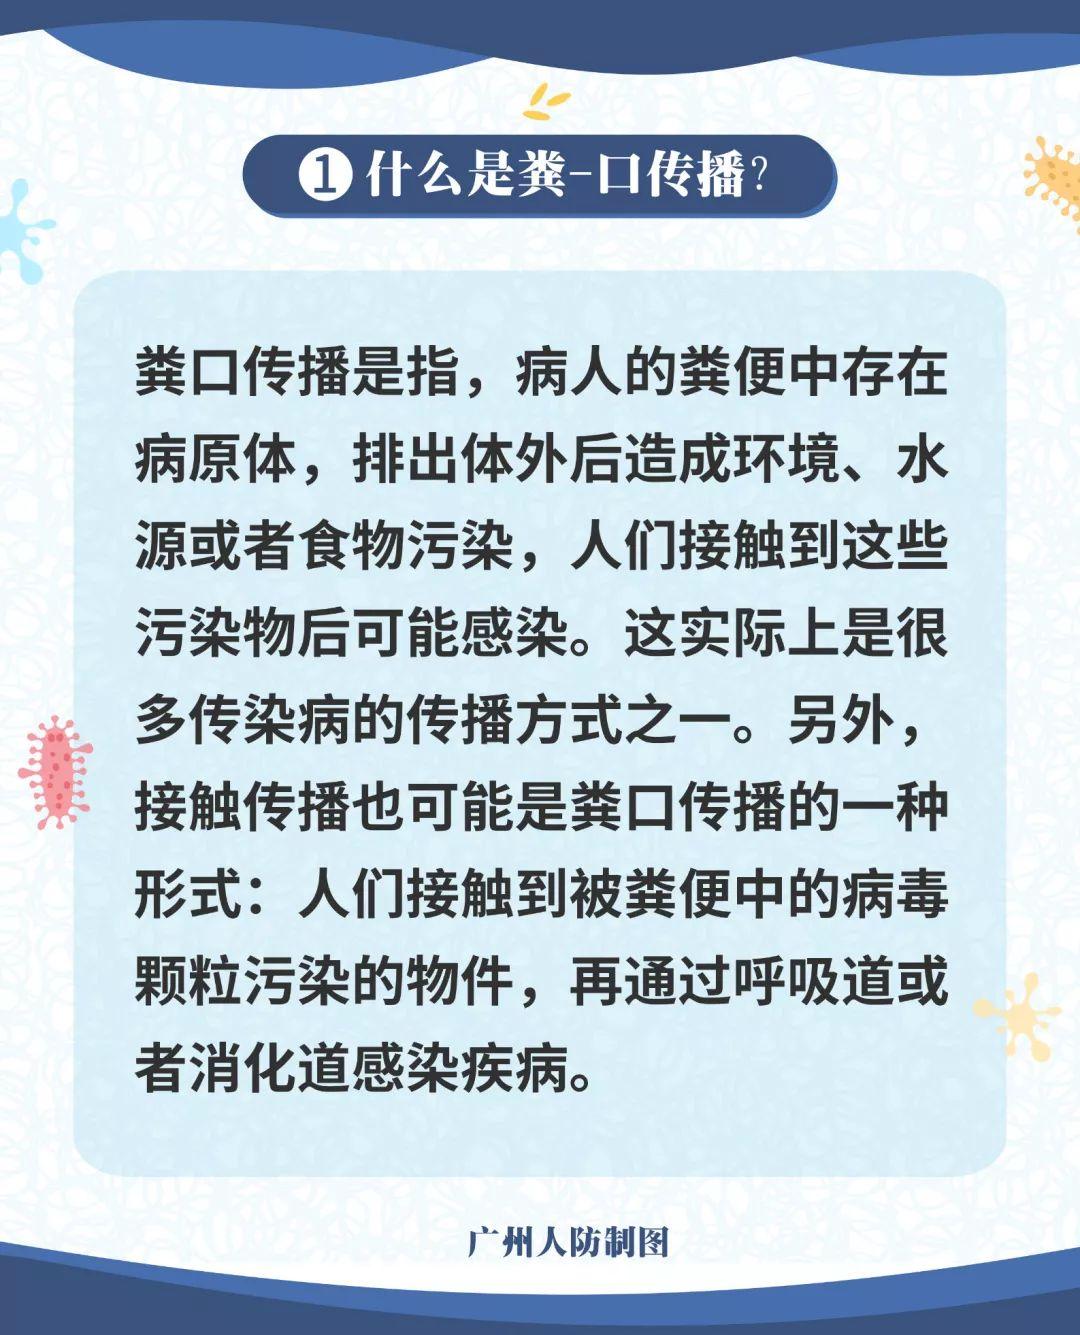 【最新】新型冠状病毒存在粪口传播?钟南山最新回应来了!